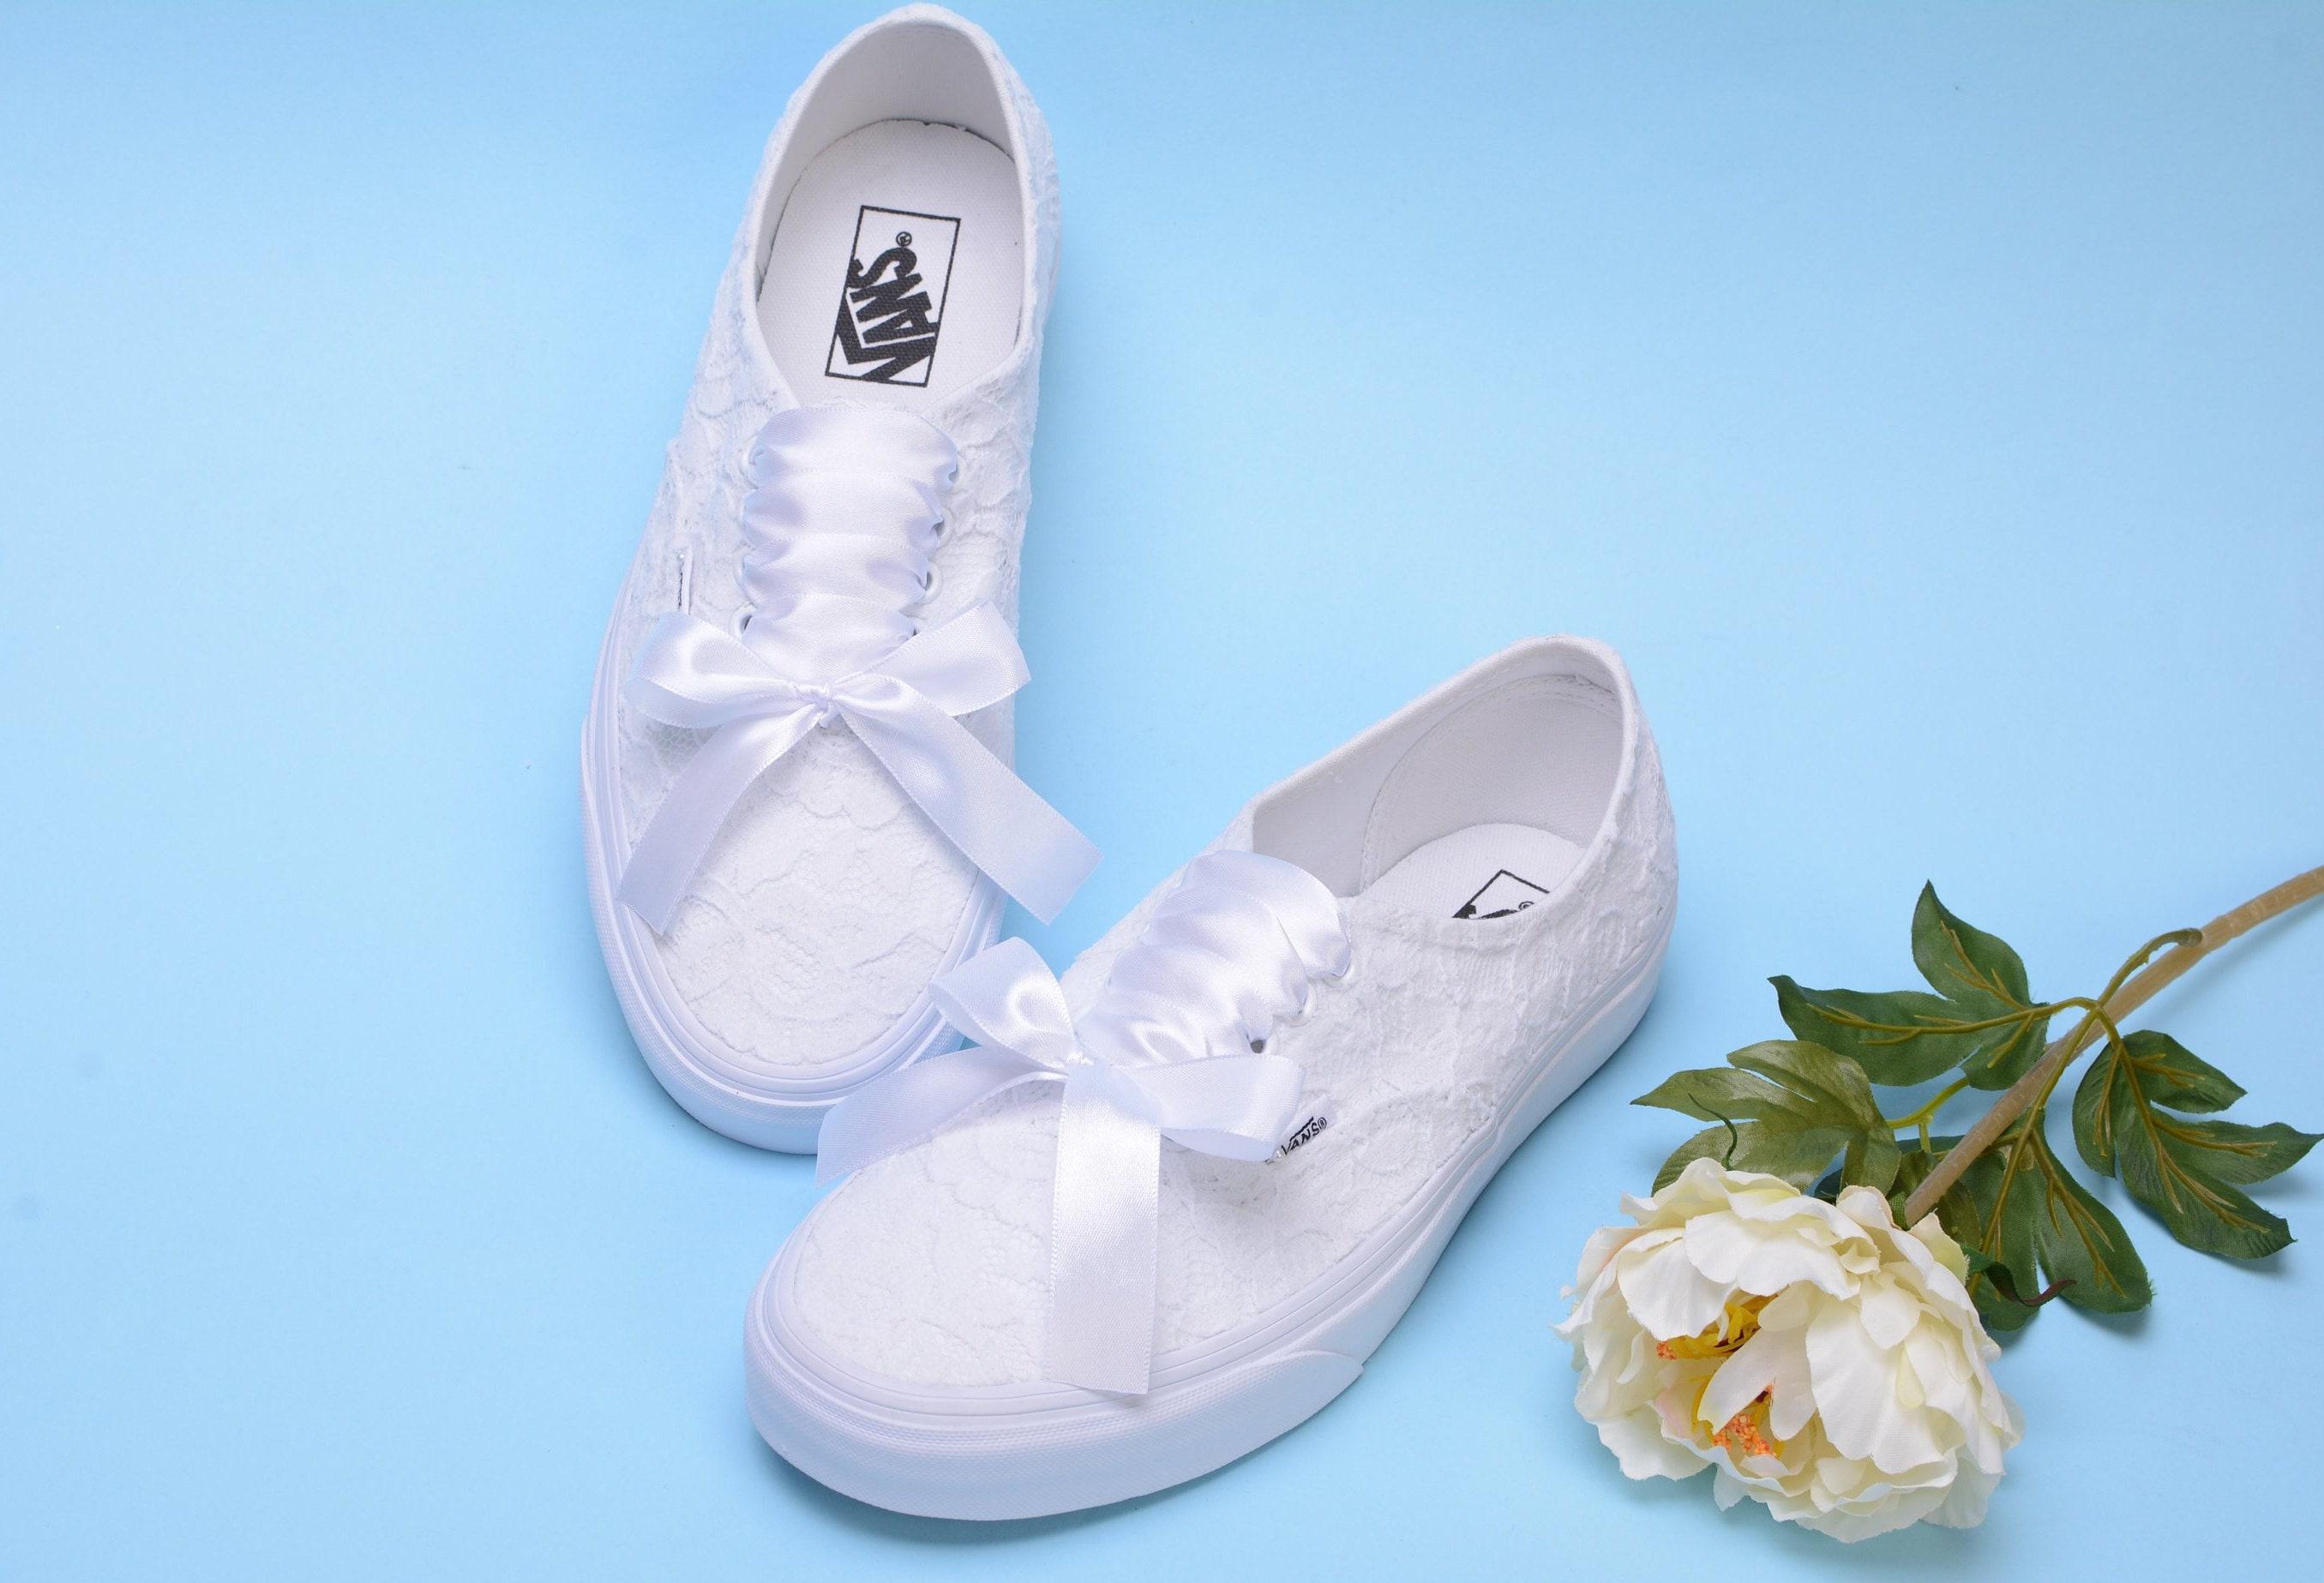 63182a1af682 Wedding Vans shoes for Bride